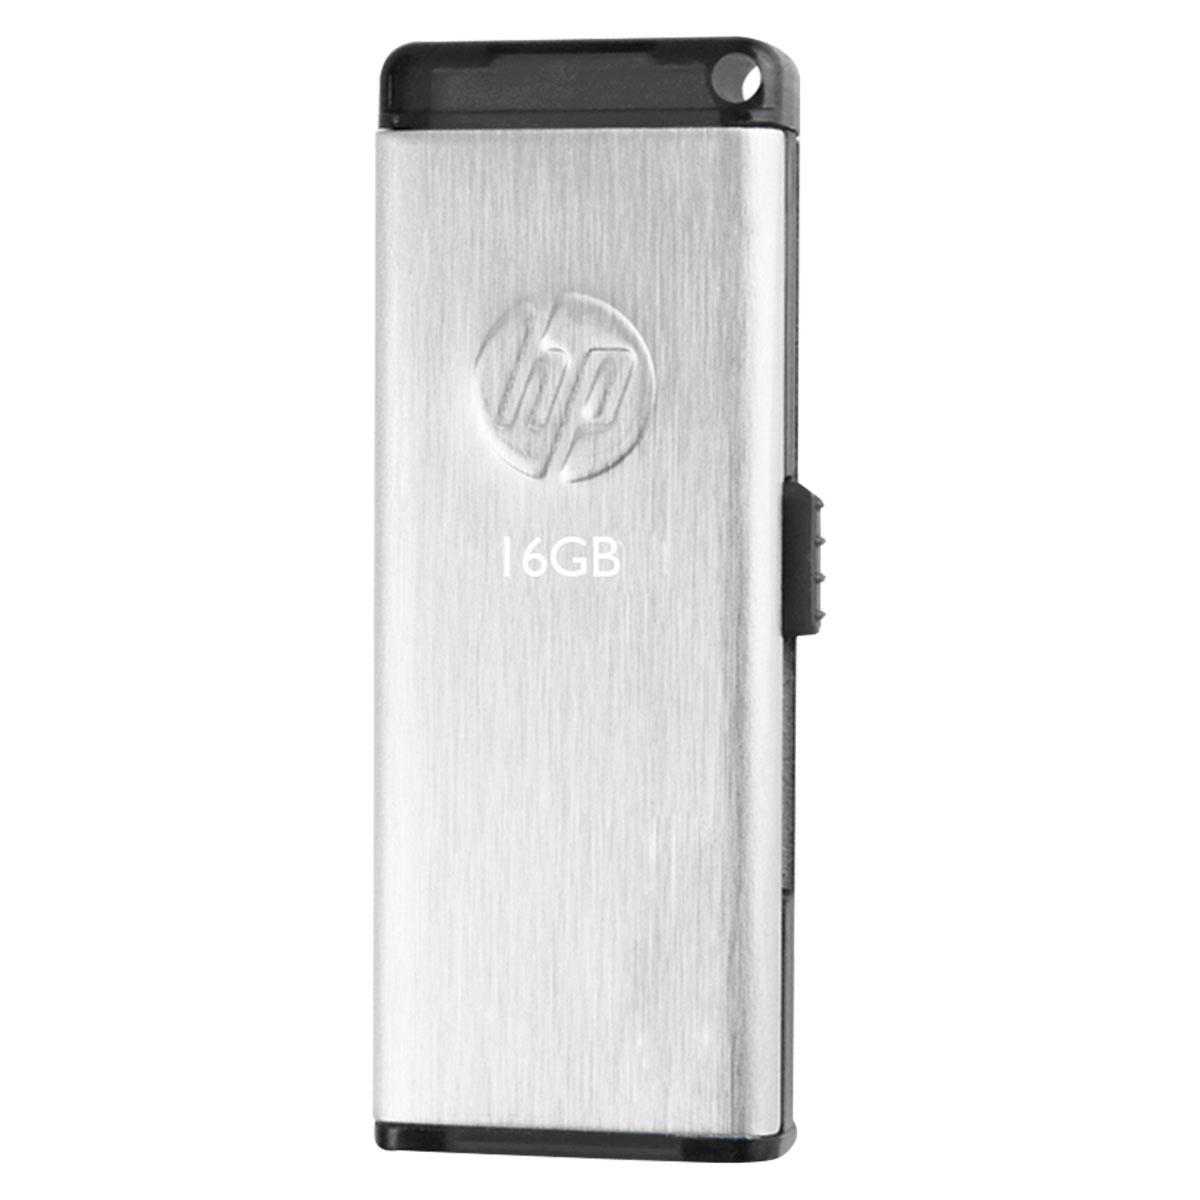 Pen Drive HP USB 2.0 V257W 16GB HPFD257W-16